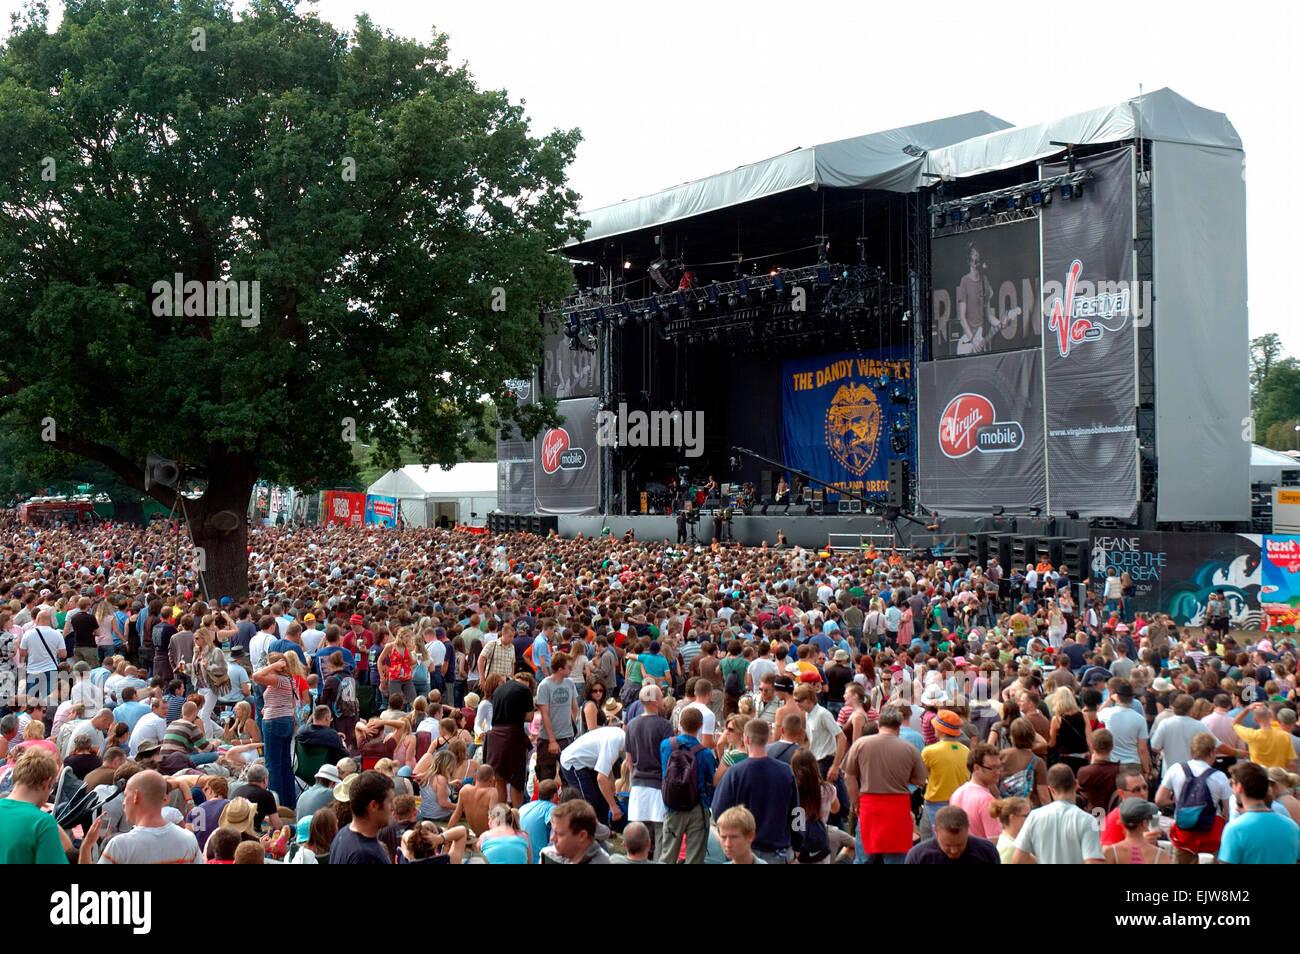 Festival de musique Virgin V V2006, les fans de regarder la scène principale,Hylands Park, Chelmsford, Essex, Angleterre Banque D'Images